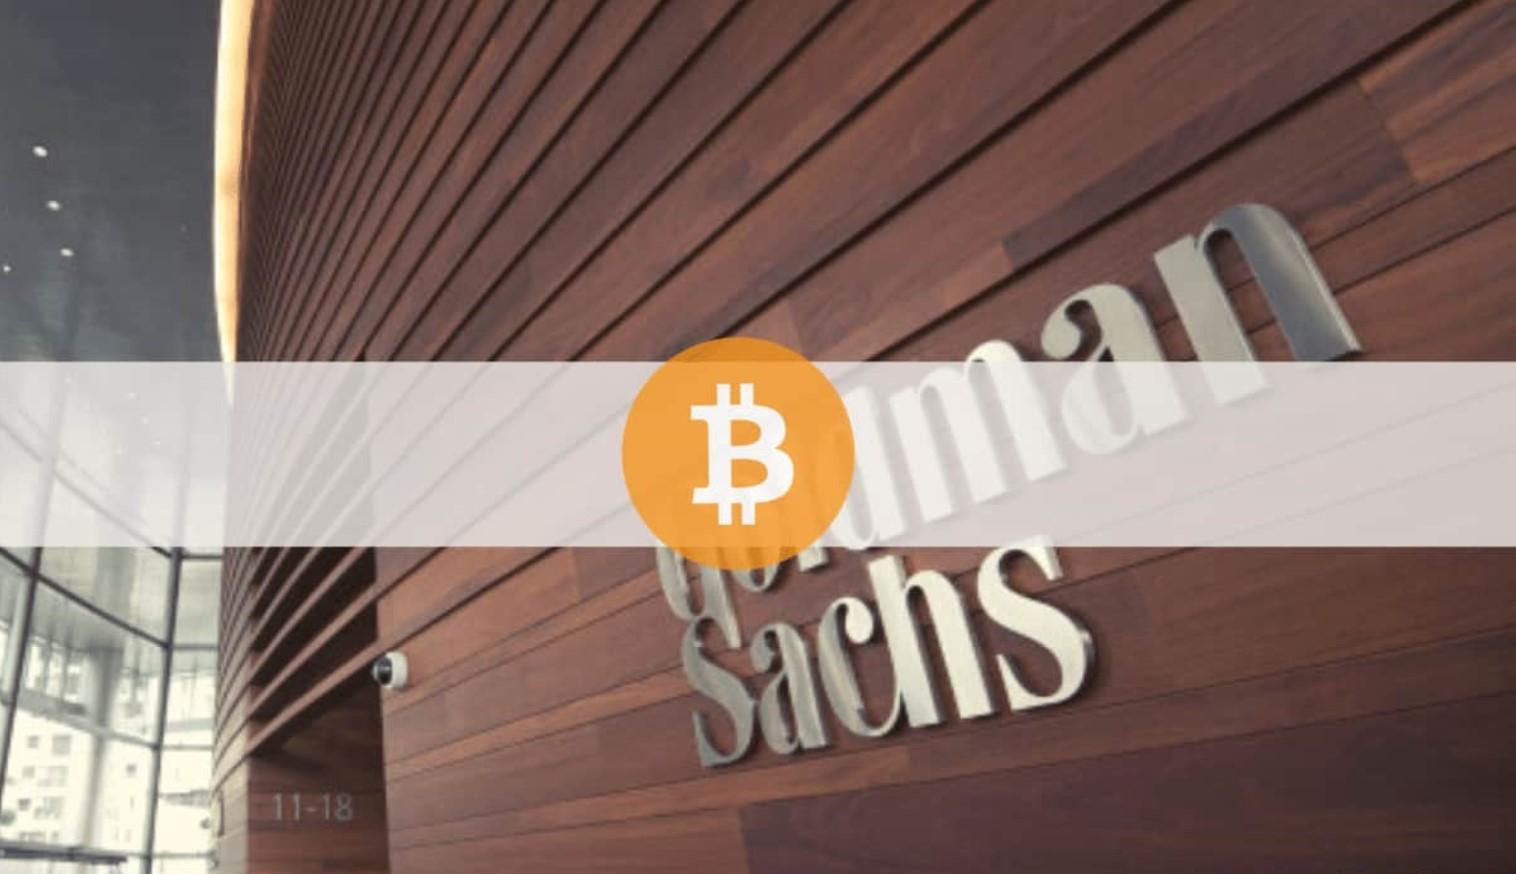 Goldman Sachs khám phá tiền điện tử như một loại tài sản, xem xét lại lập trường cũ